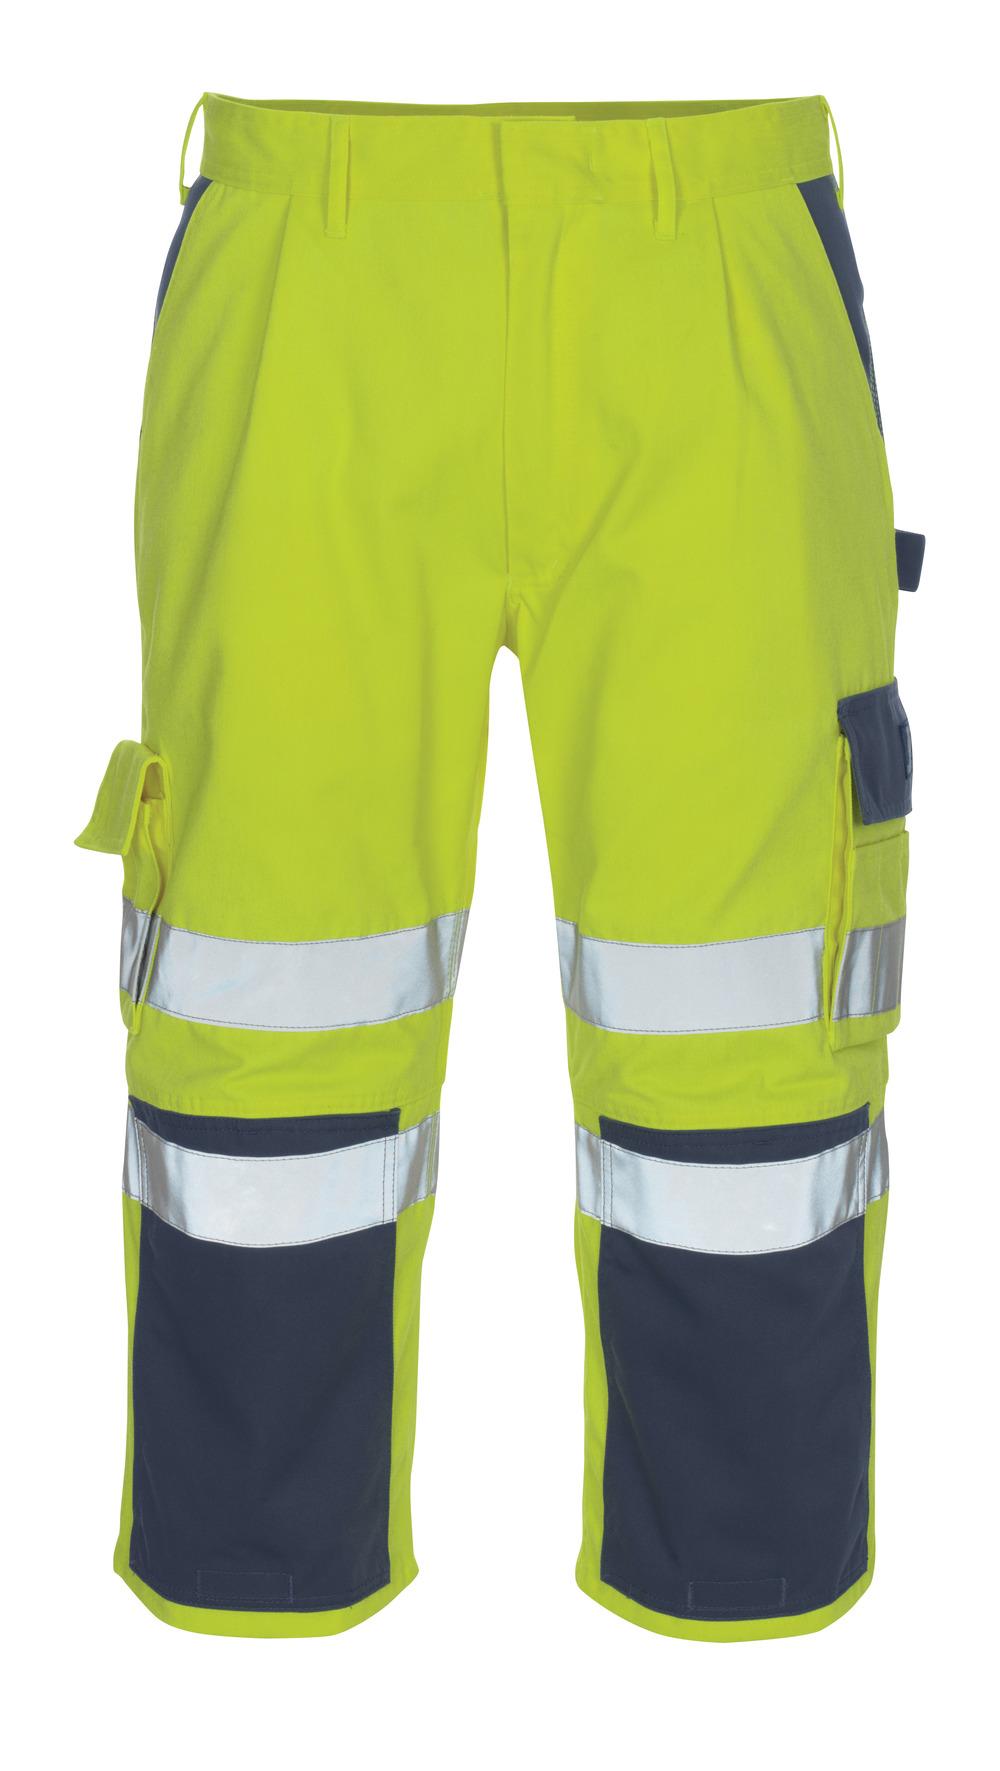 07149-470-171 Driekwart broek met kniezakken - hi-vis geel/marine